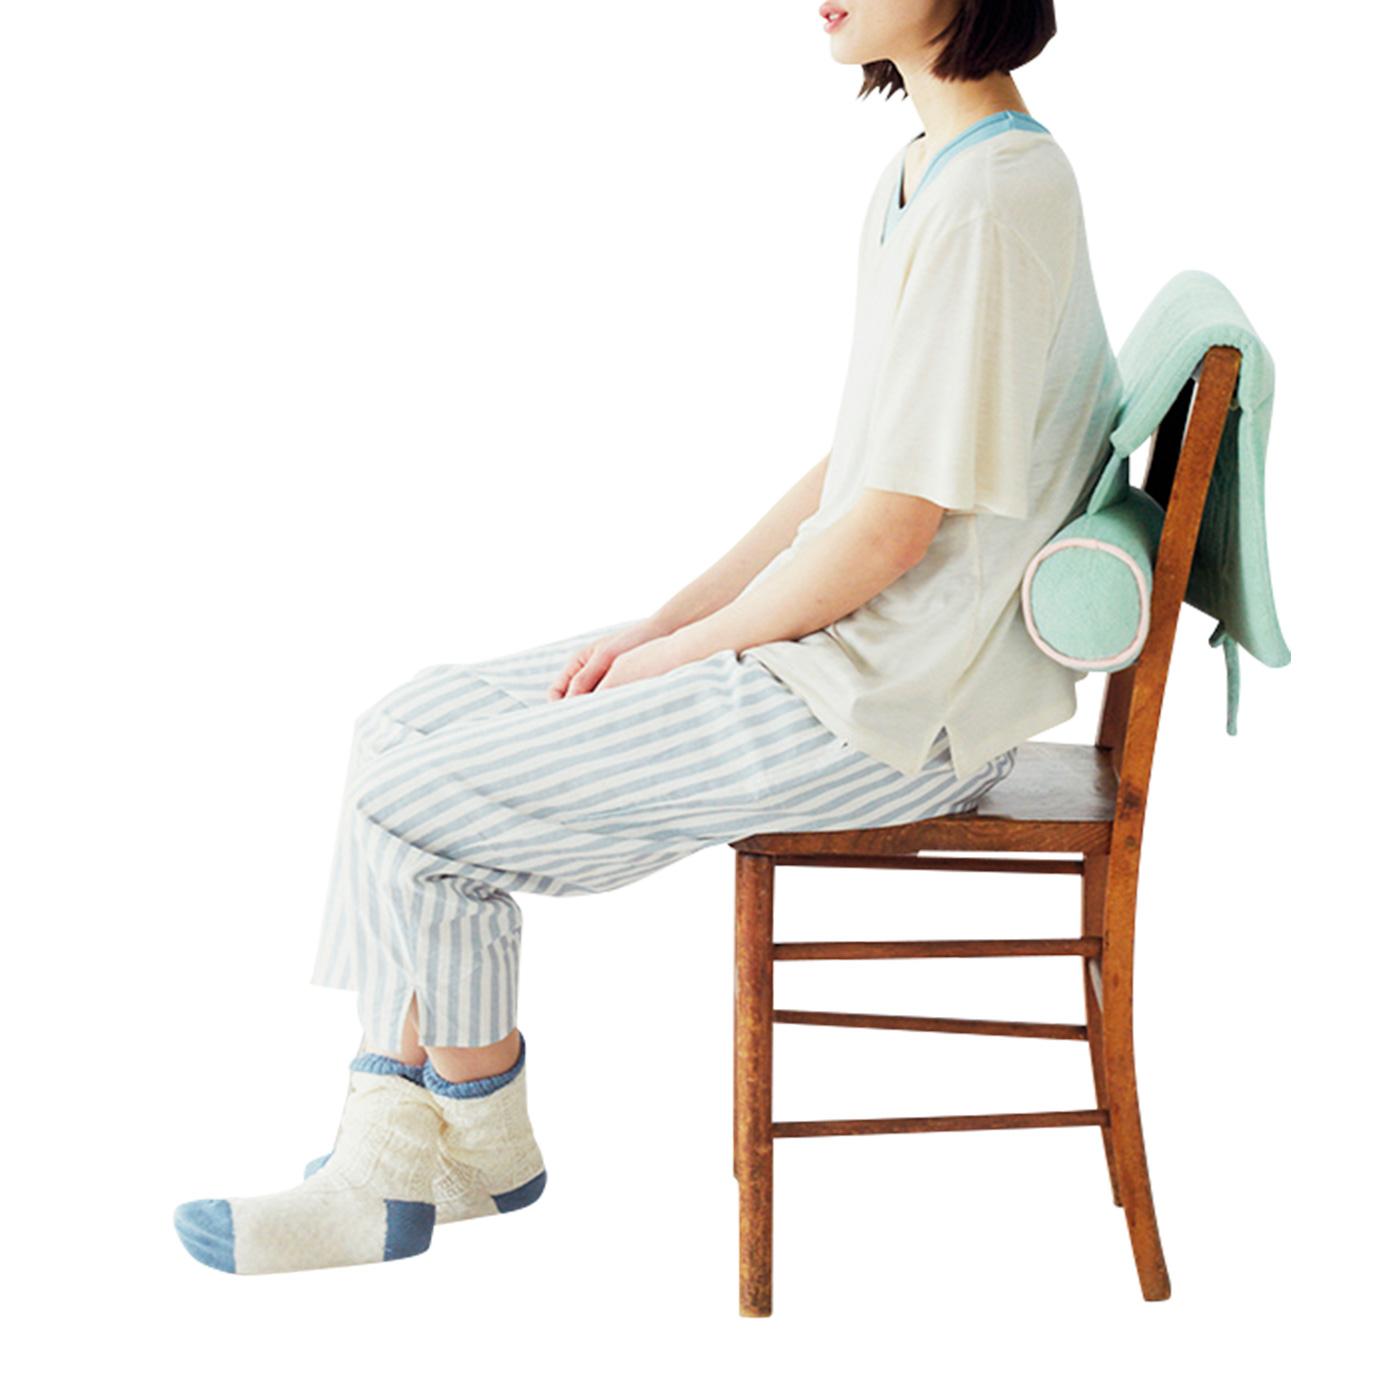 いすの背もたれに掛けて。筒部分で腰をサポートするとラクチン!